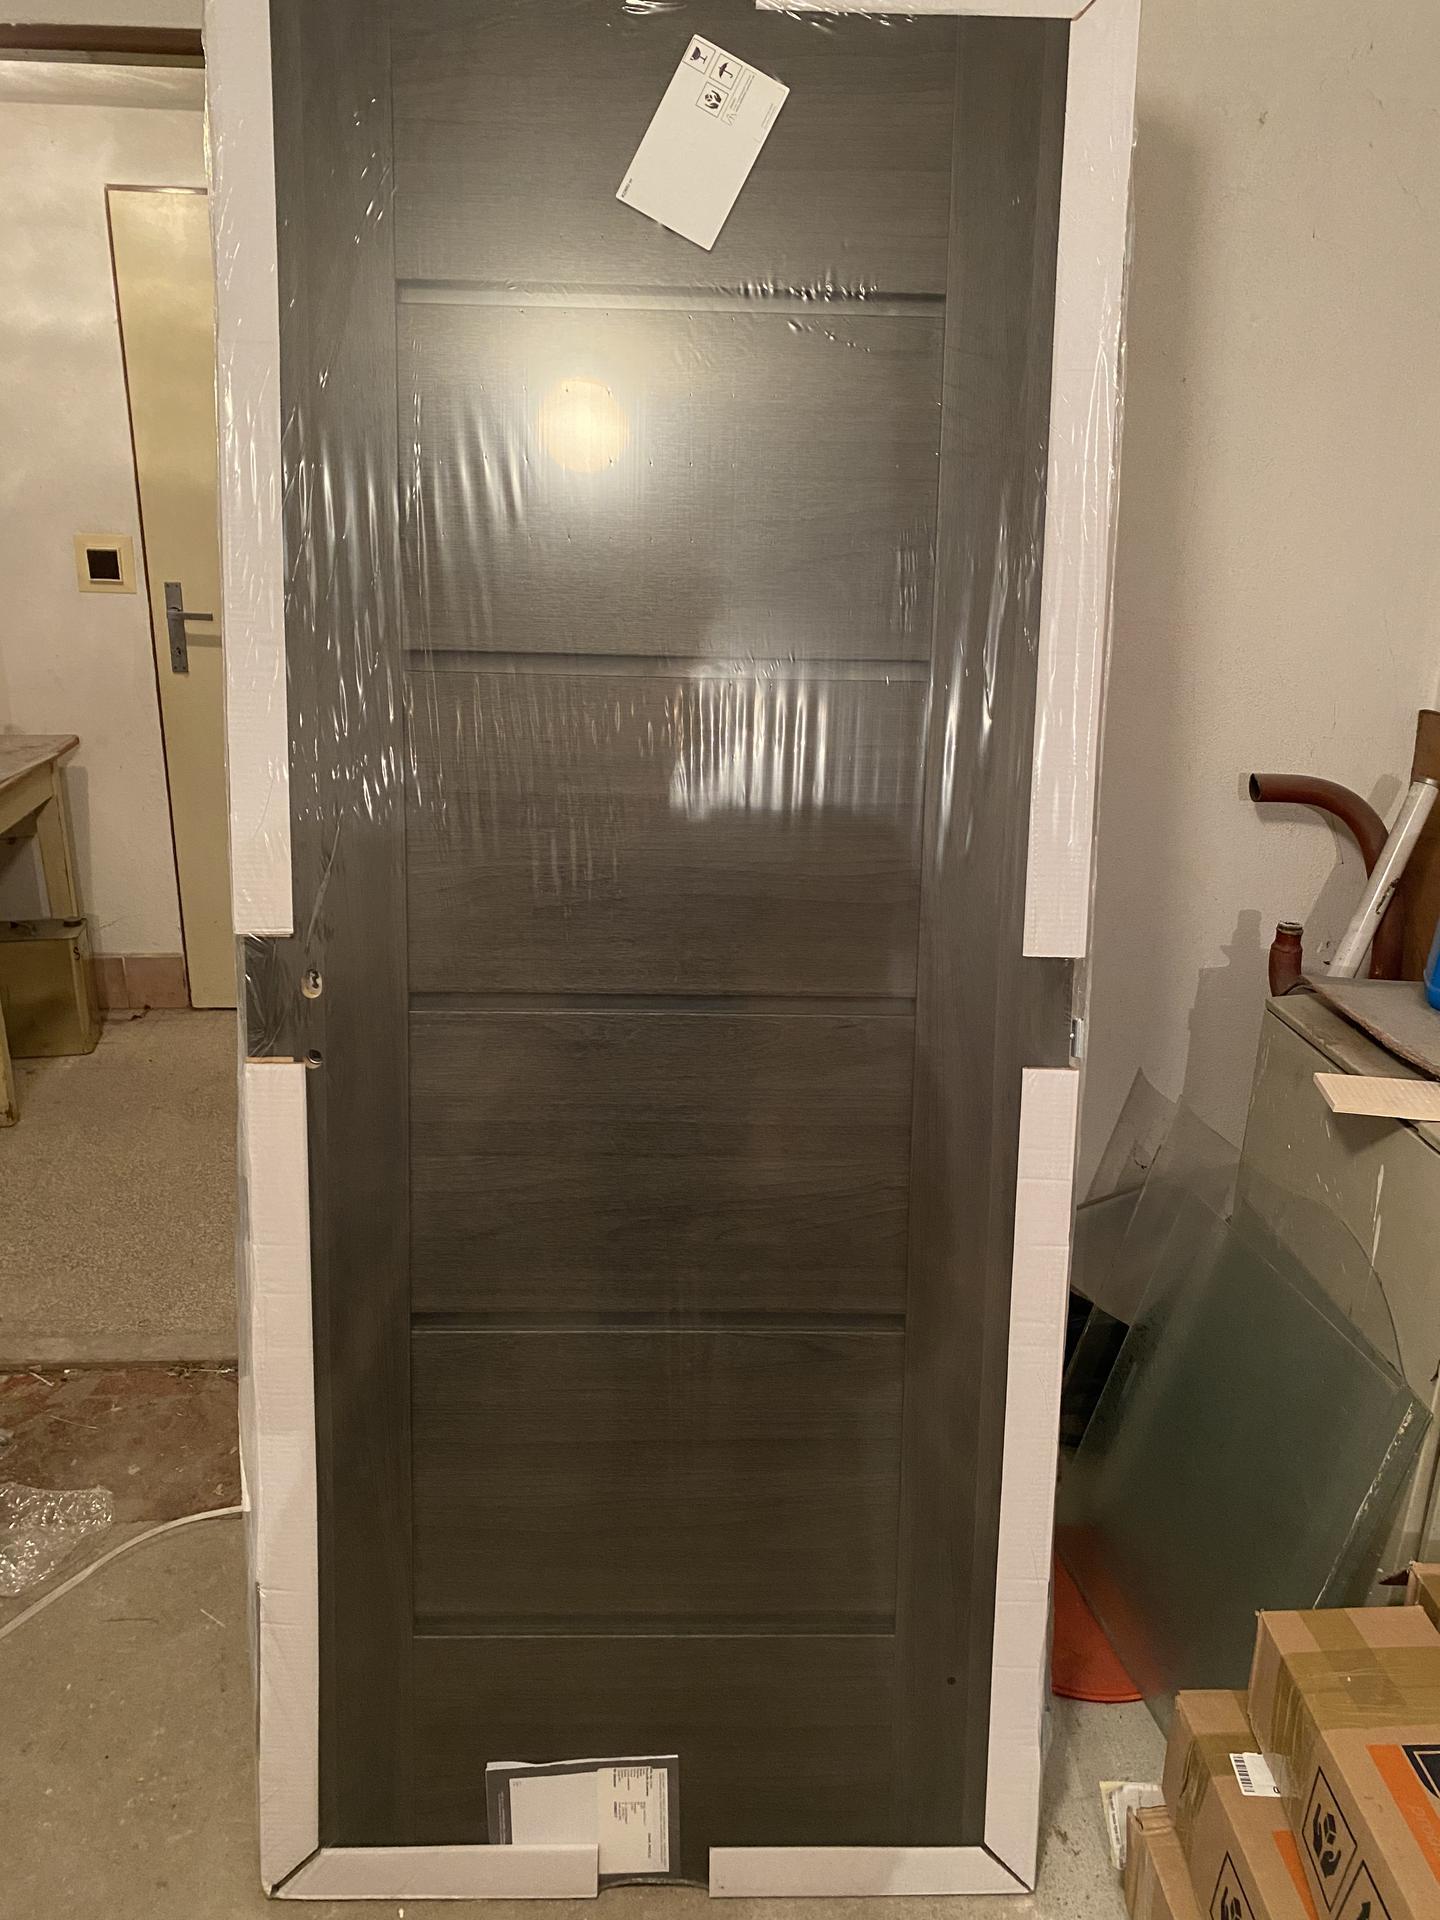 Náš sen bydlení ve vlastním 🏡🍀 - Dveře čekají v garáži 😁